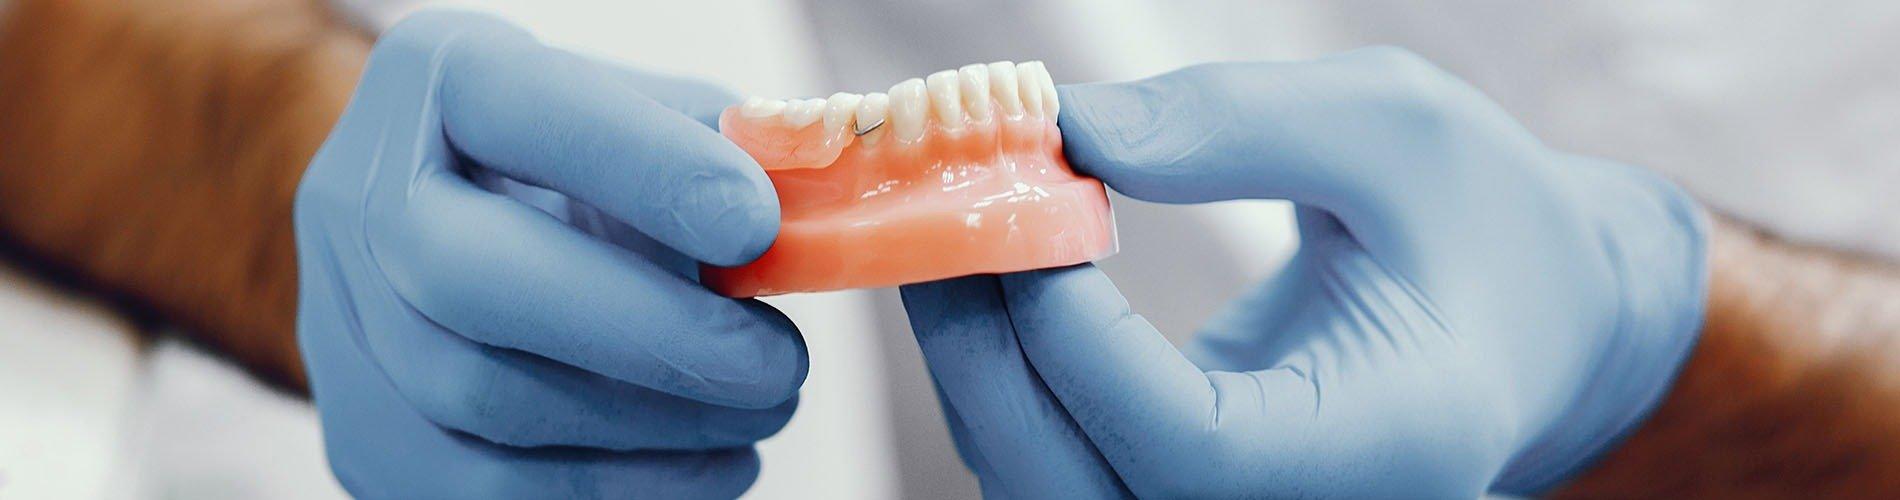 Con dentadura postiza ya no como igual